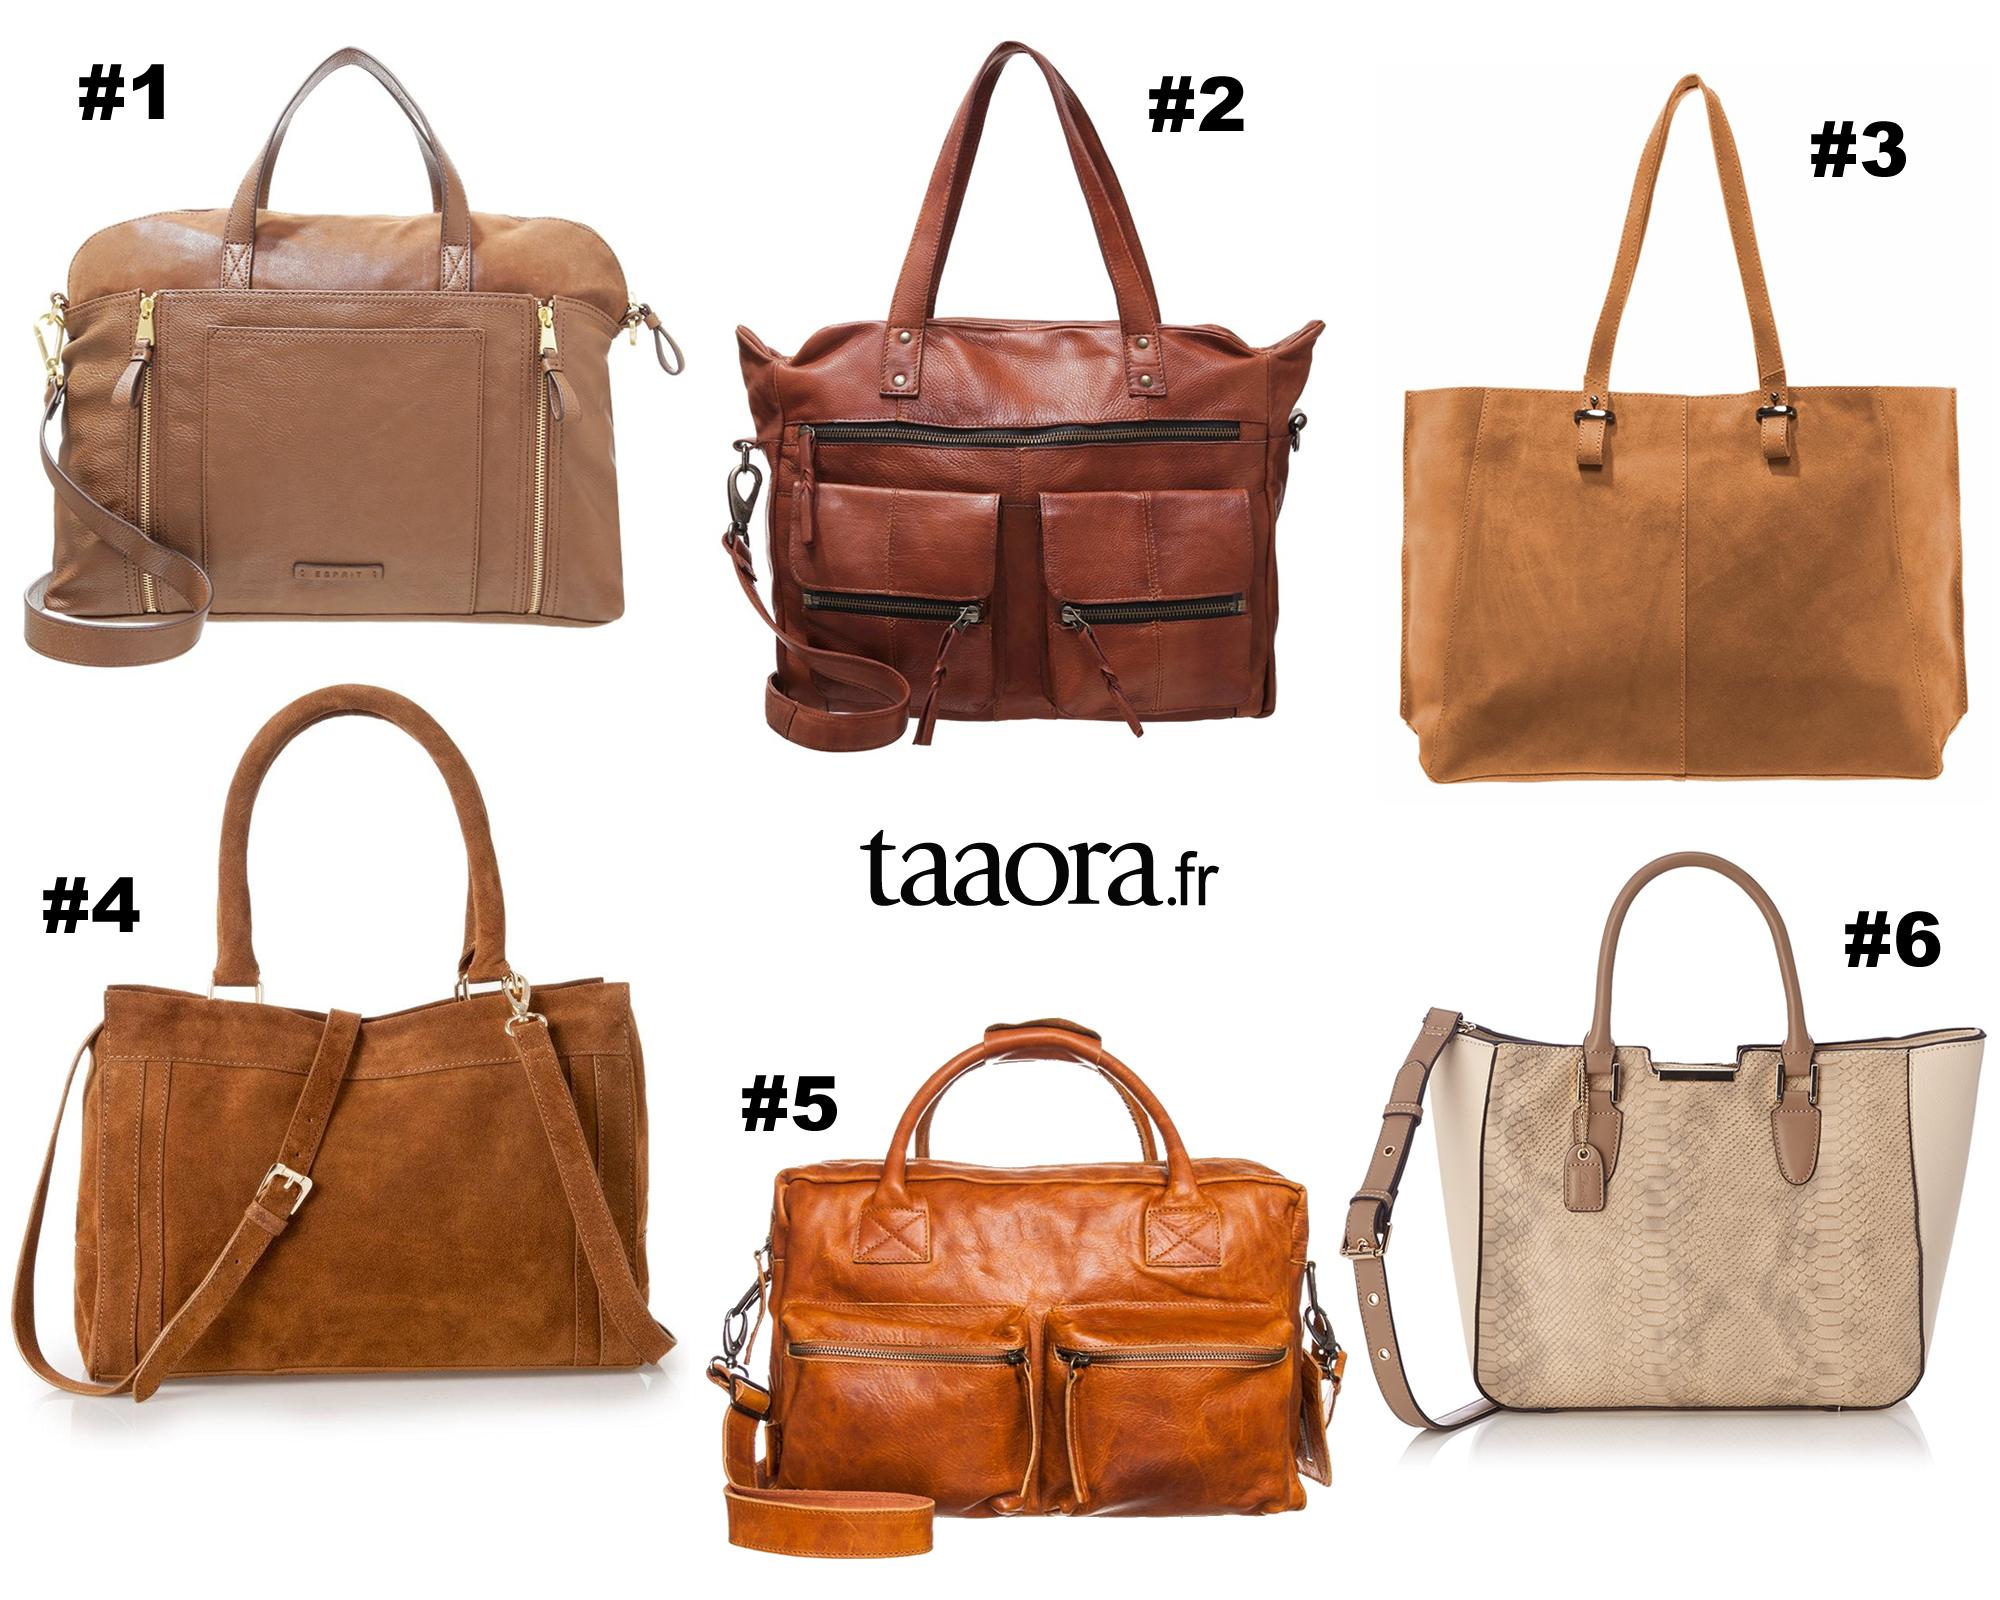 29cfdf8b53 Rentrée : 6 grands sacs pour le lycée de couleur marron, camel ou ...